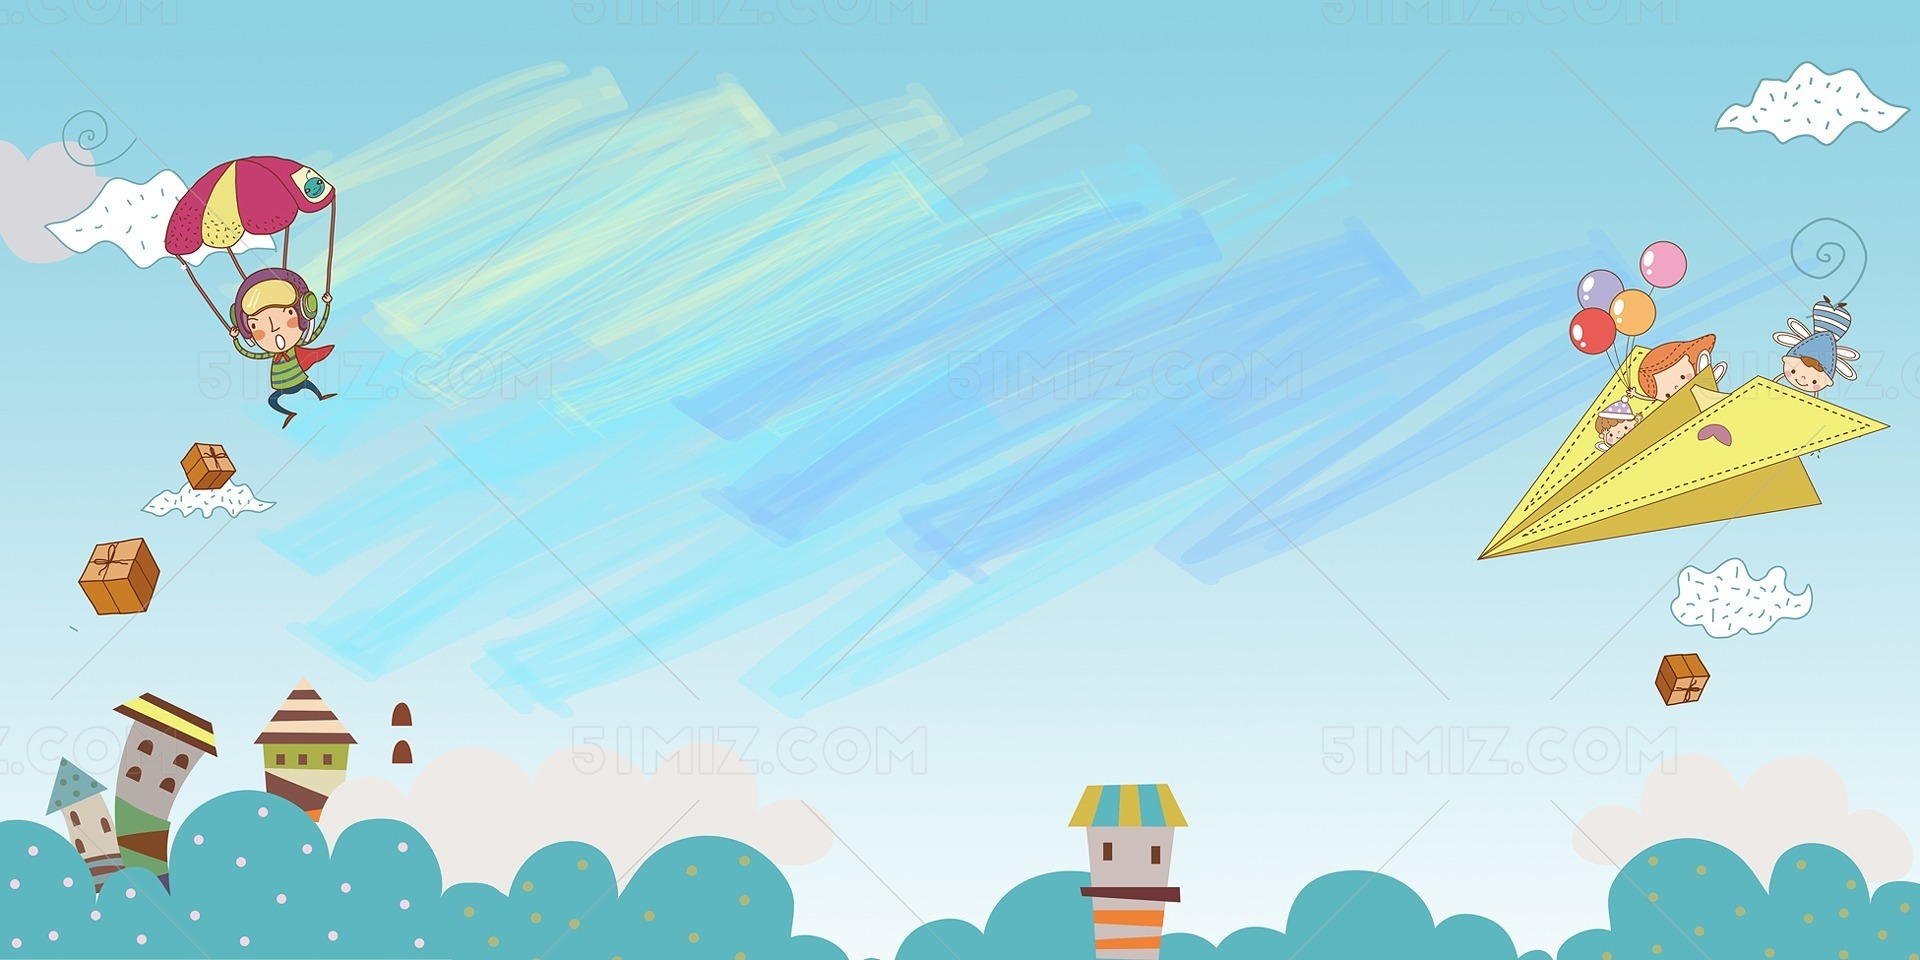 卡通儿童水彩手绘风开学季蓝色背景